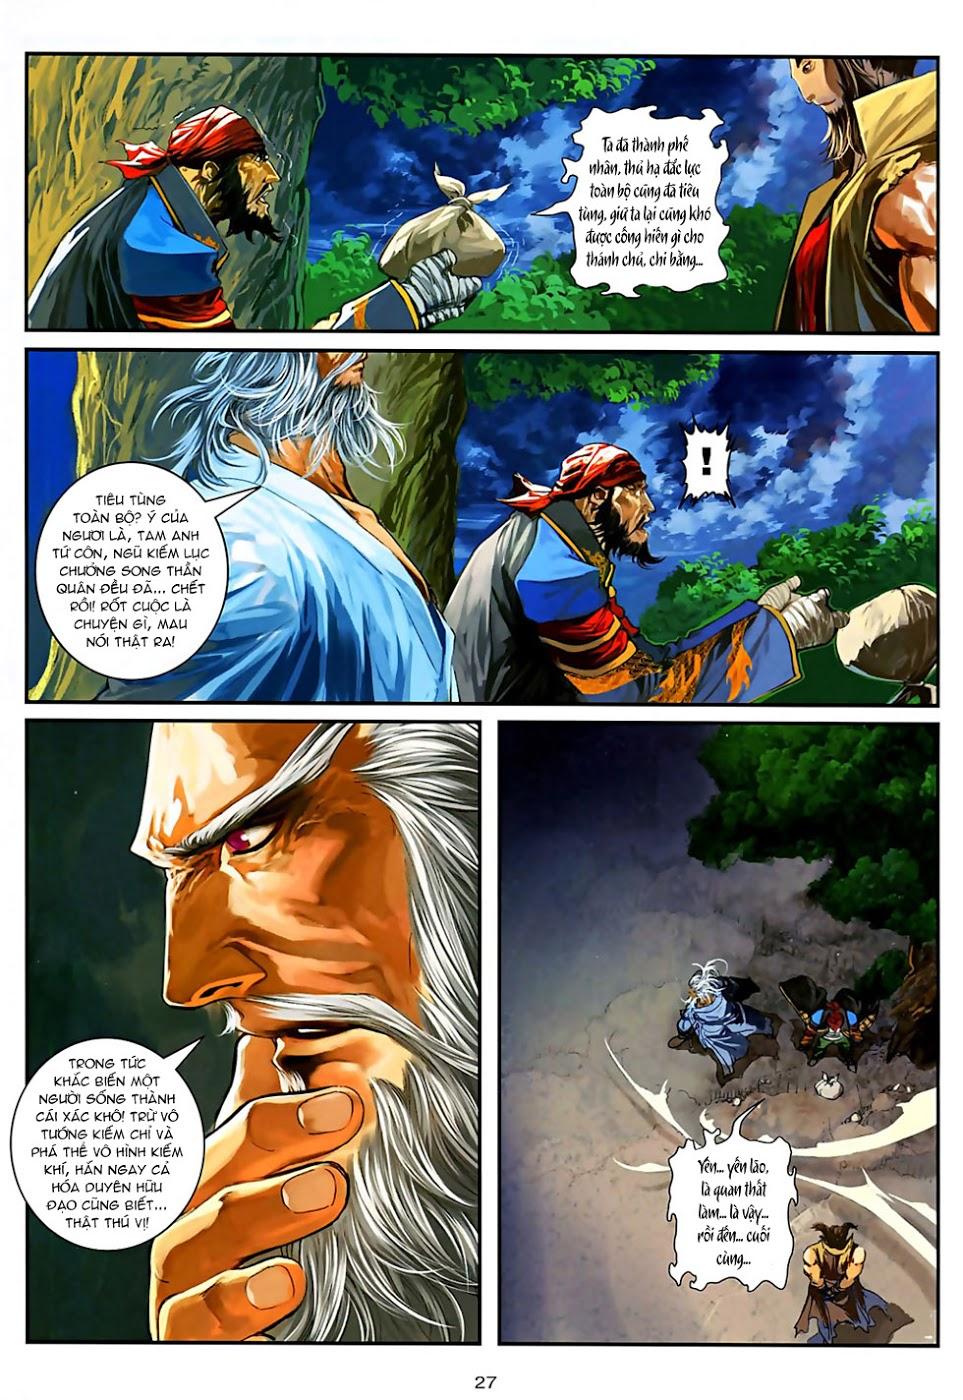 Ôn Thuỵ An Quần Hiệp Truyện Phần 2 chapter 30 trang 28